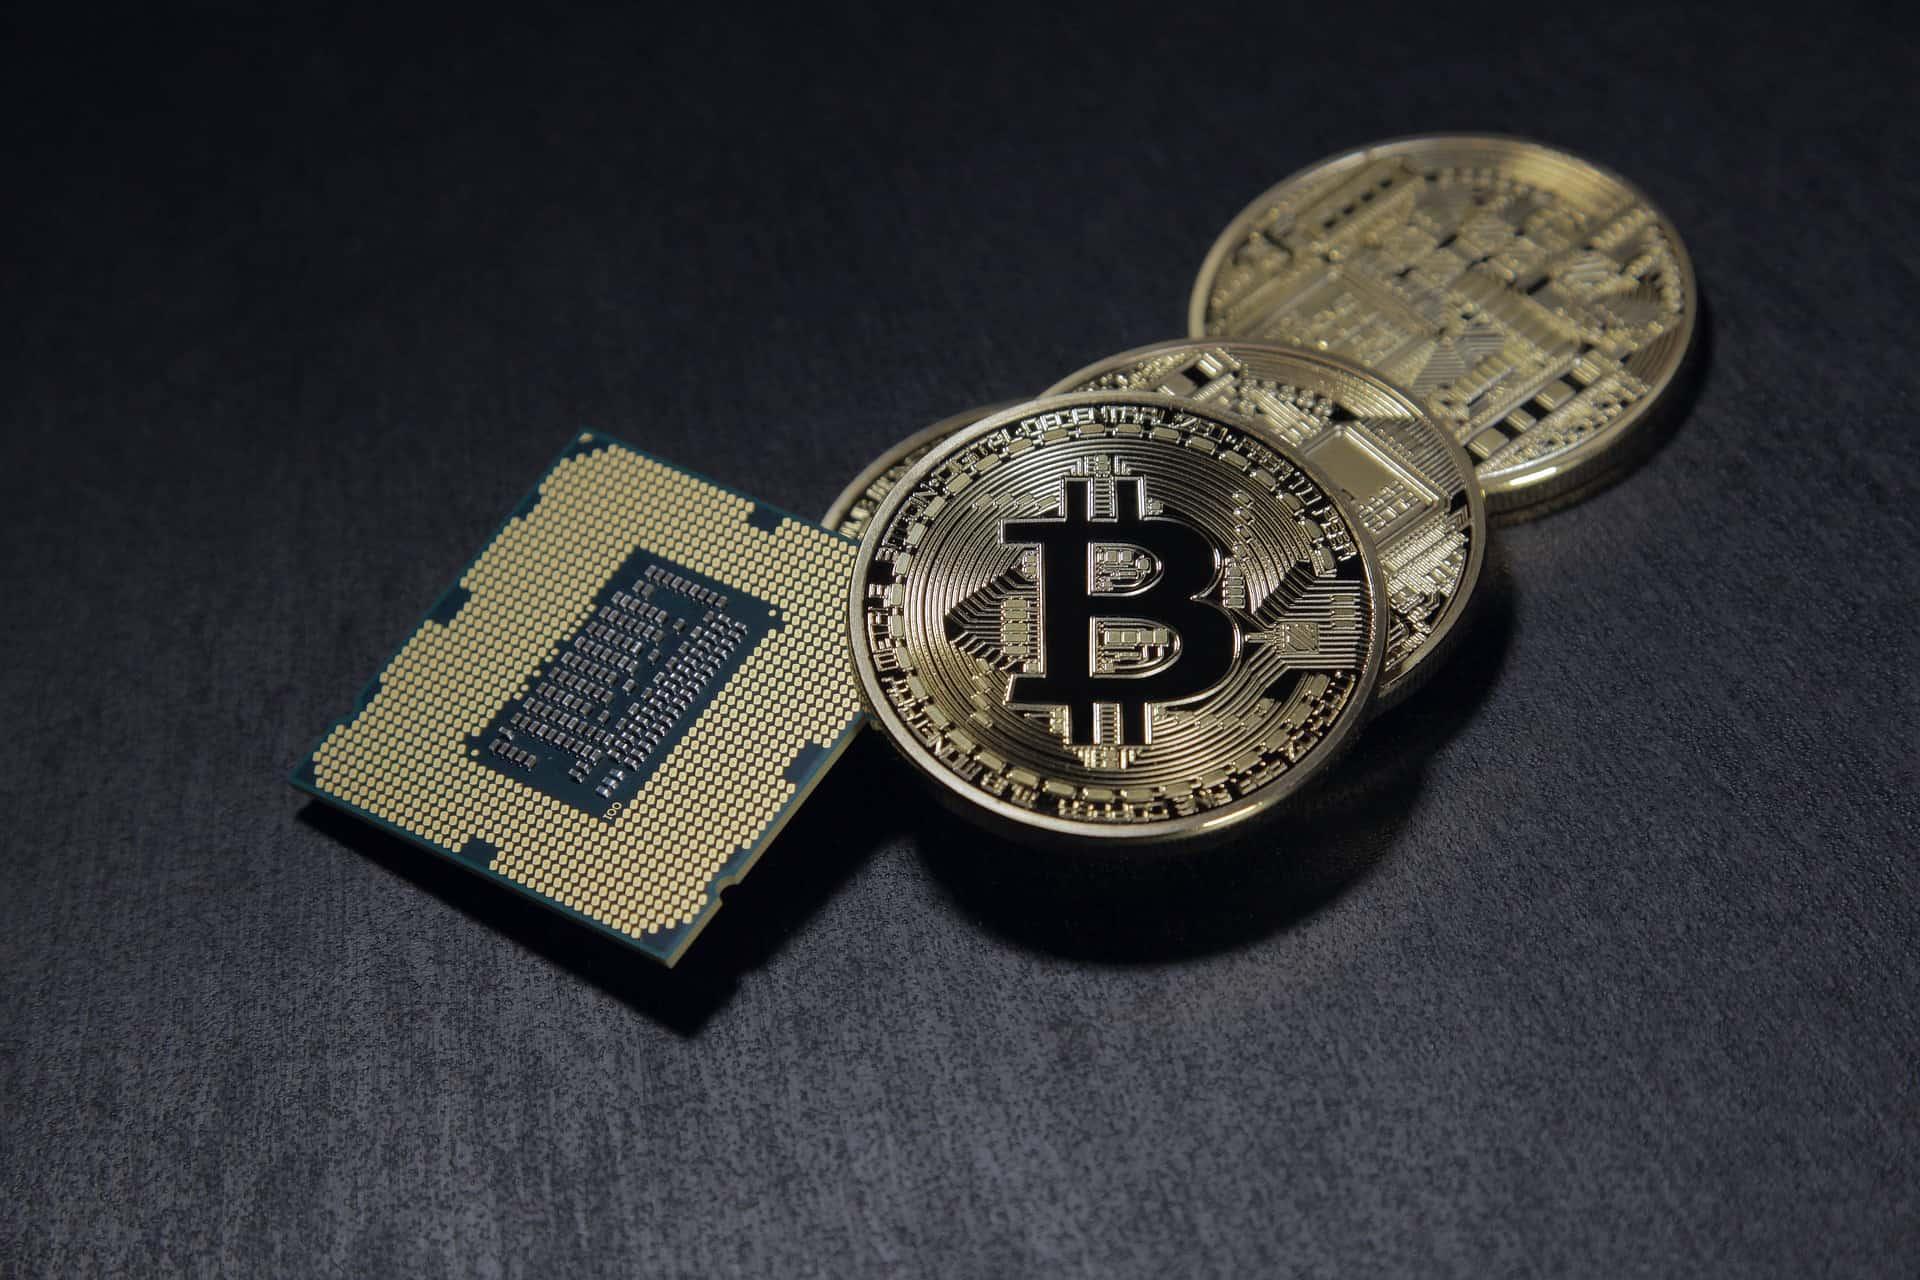 Megvolt a hype, megvolt az összeomlás, most tényleg jöhet a kriptopénzek aranykora - Qubit